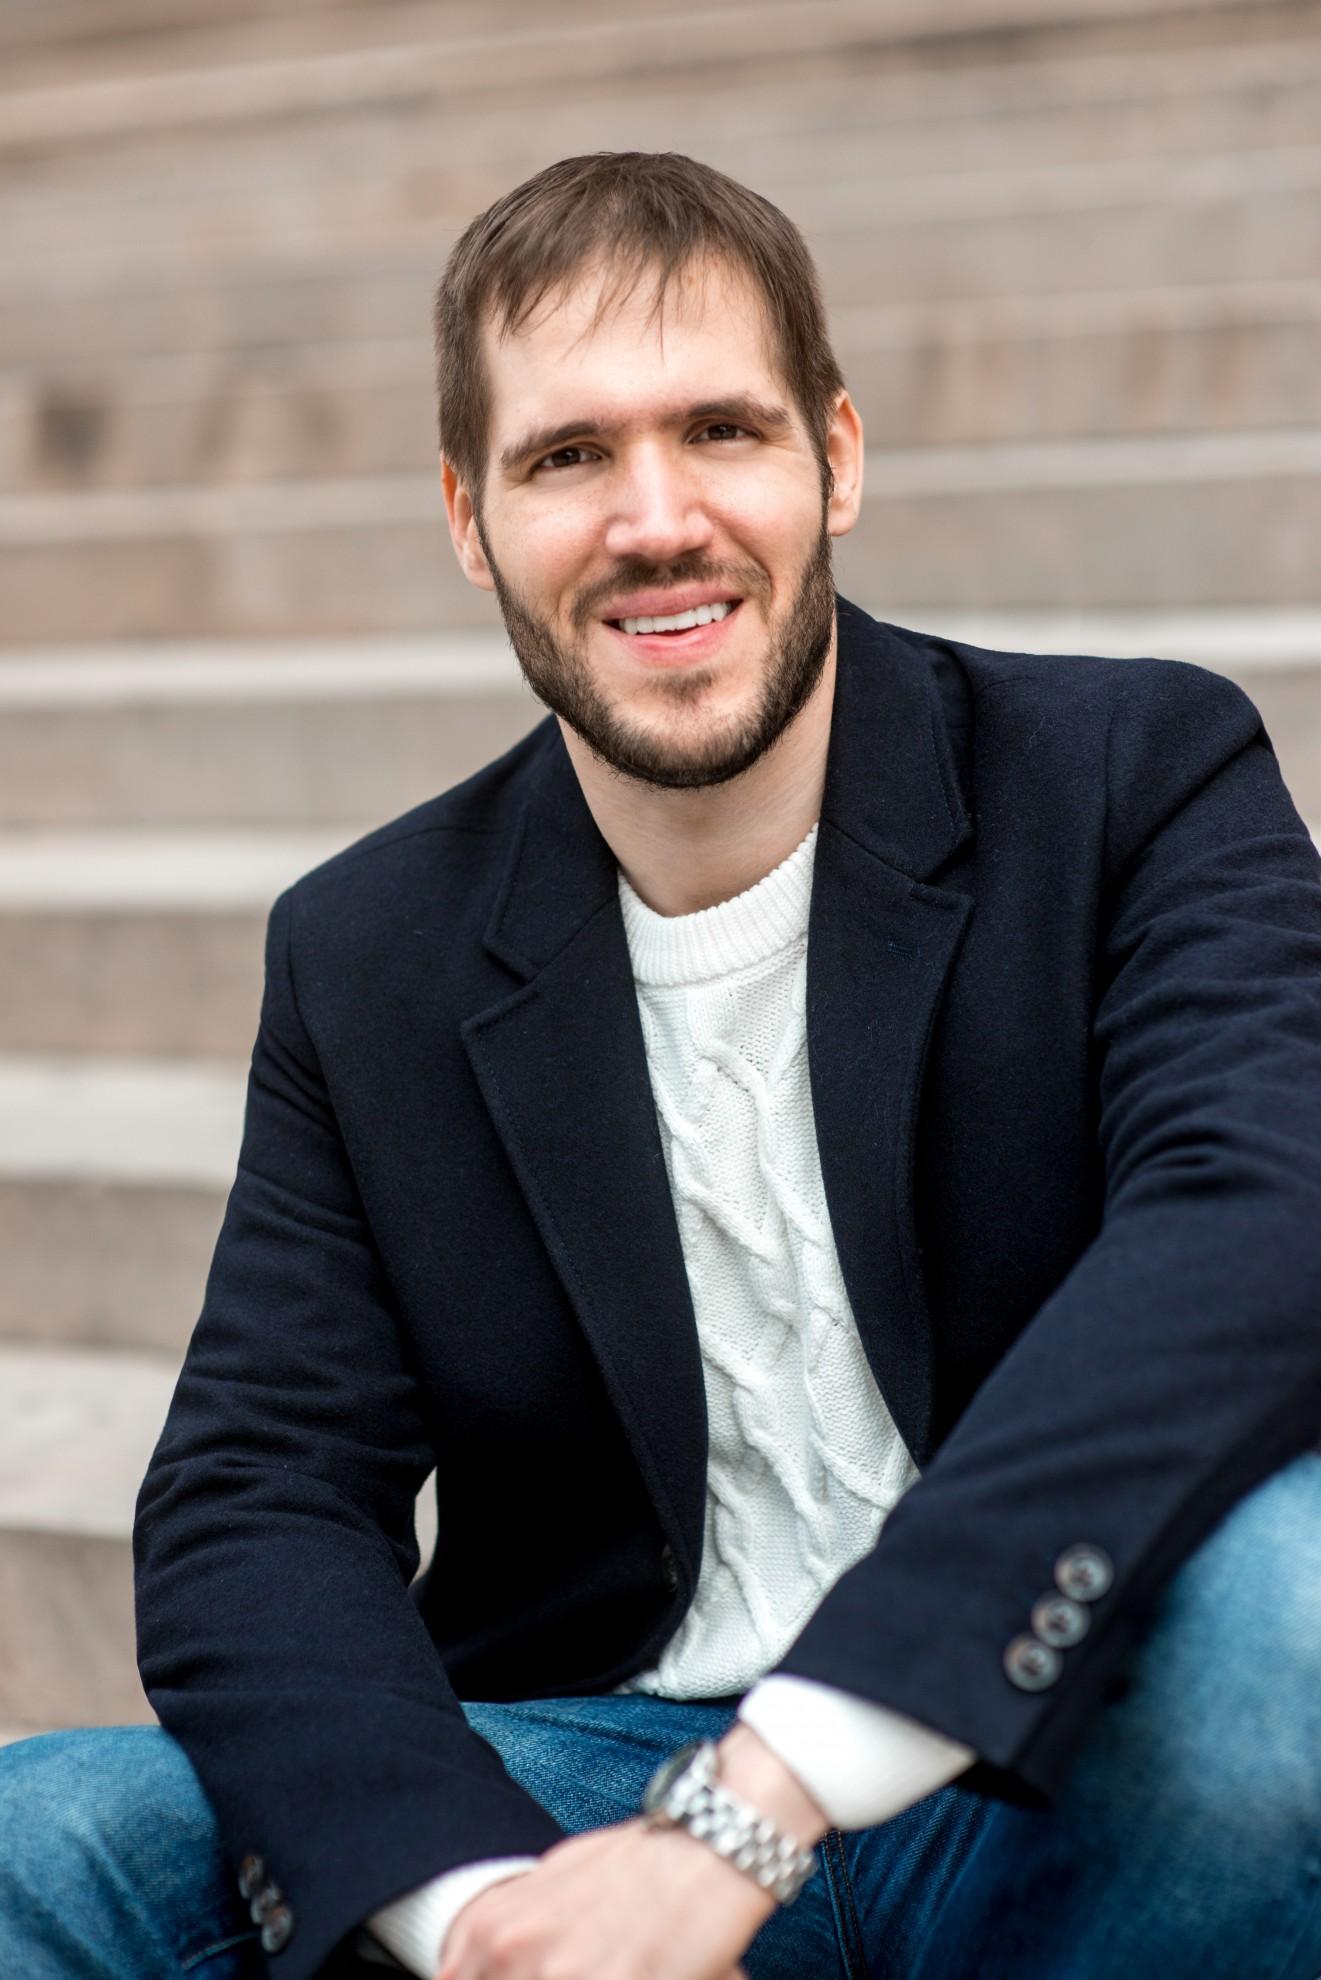 Daniel Necz